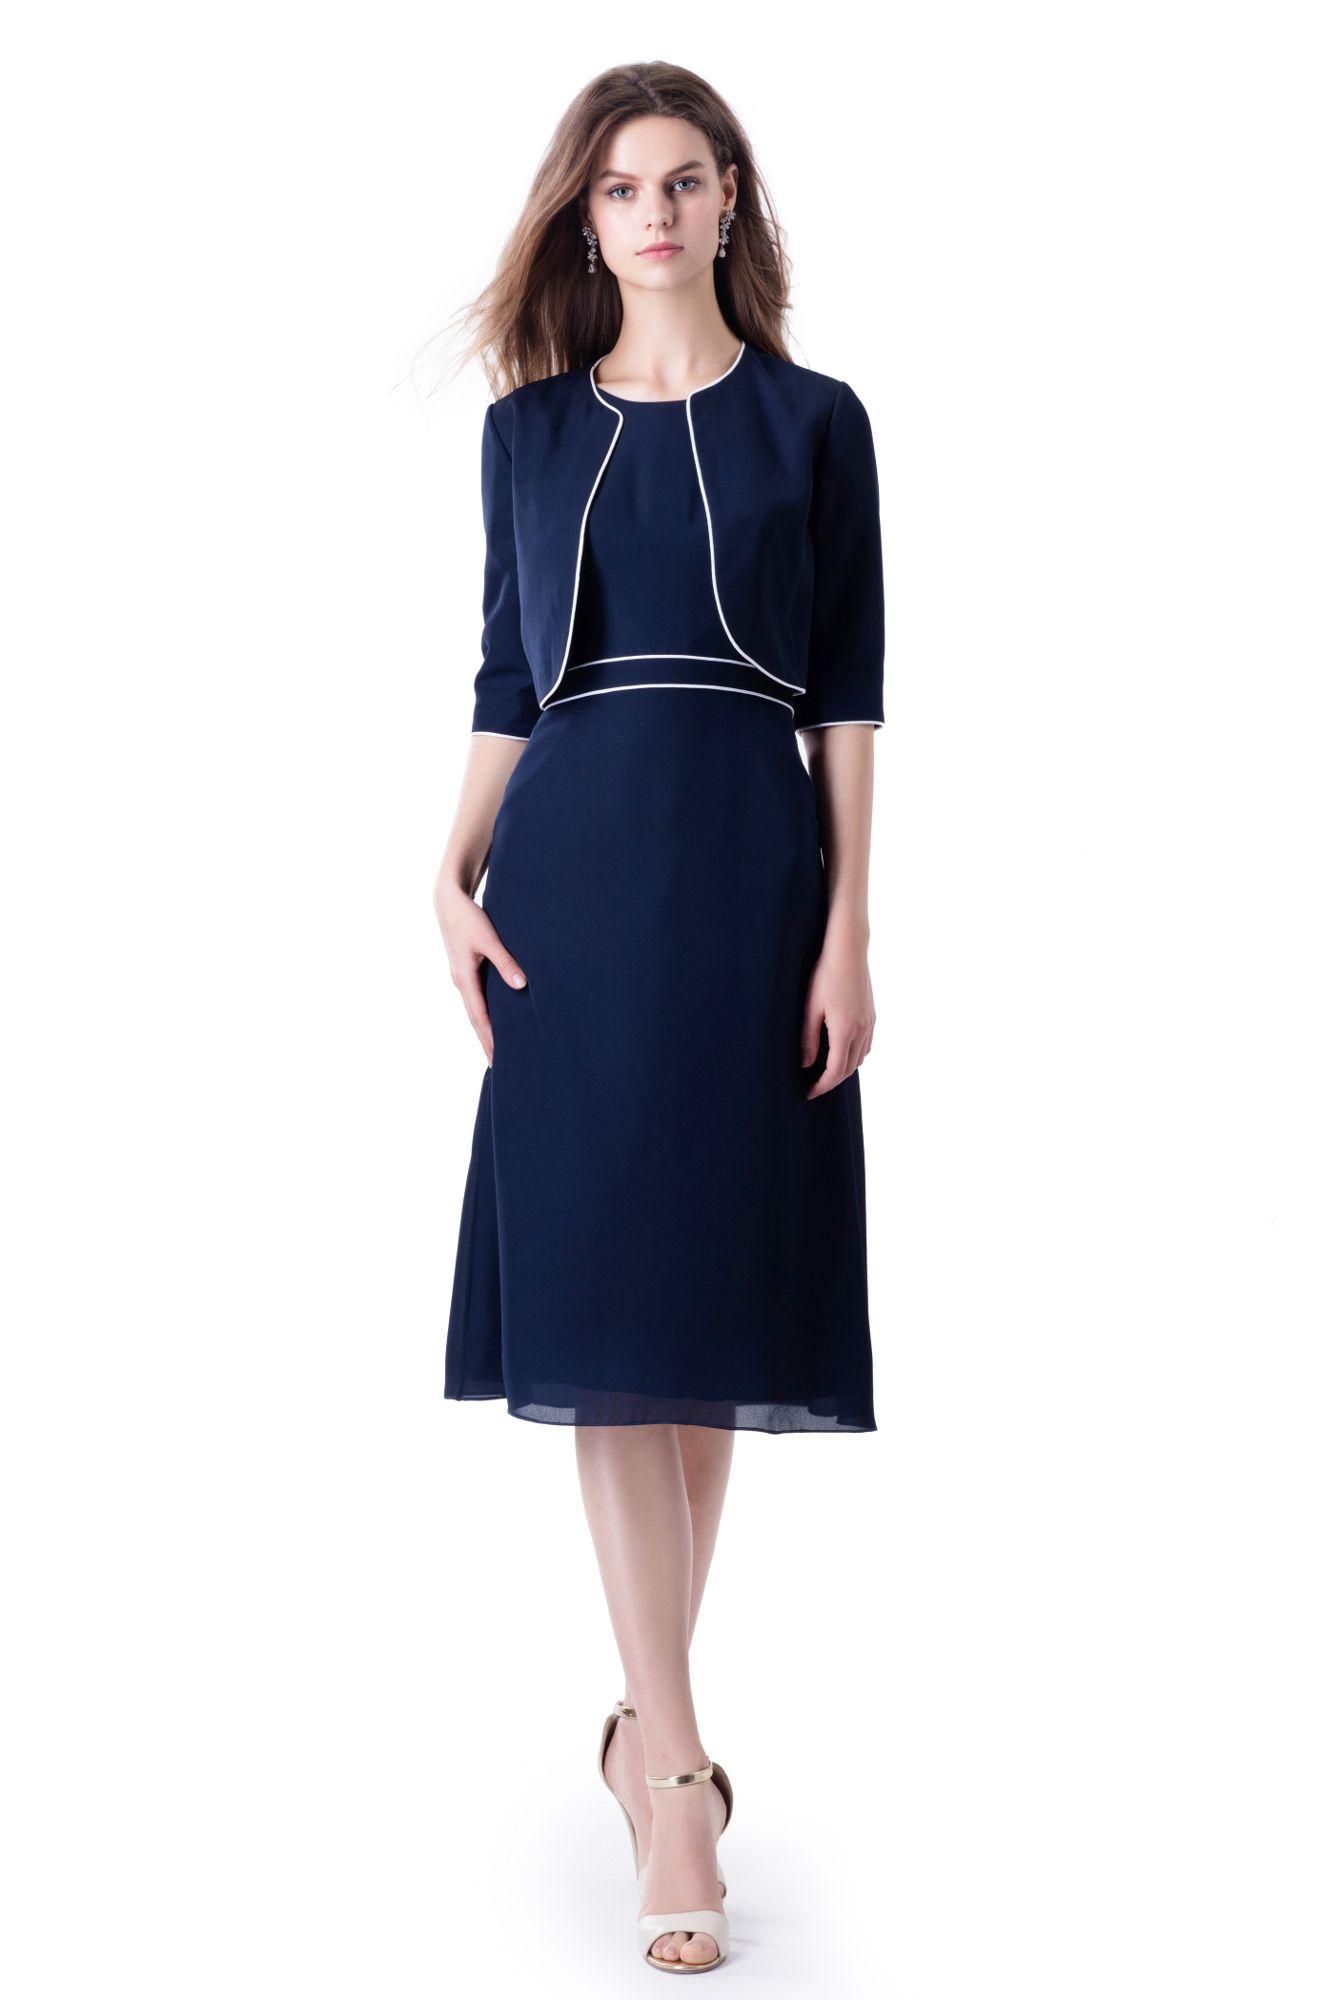 Kleid Mit Jacke In Klassischem Dunkleblau Ideal Fur Hochzeitsgaste Oder Brautmutter Kleid Mit Jacke Abendkleid Mantel Kleid